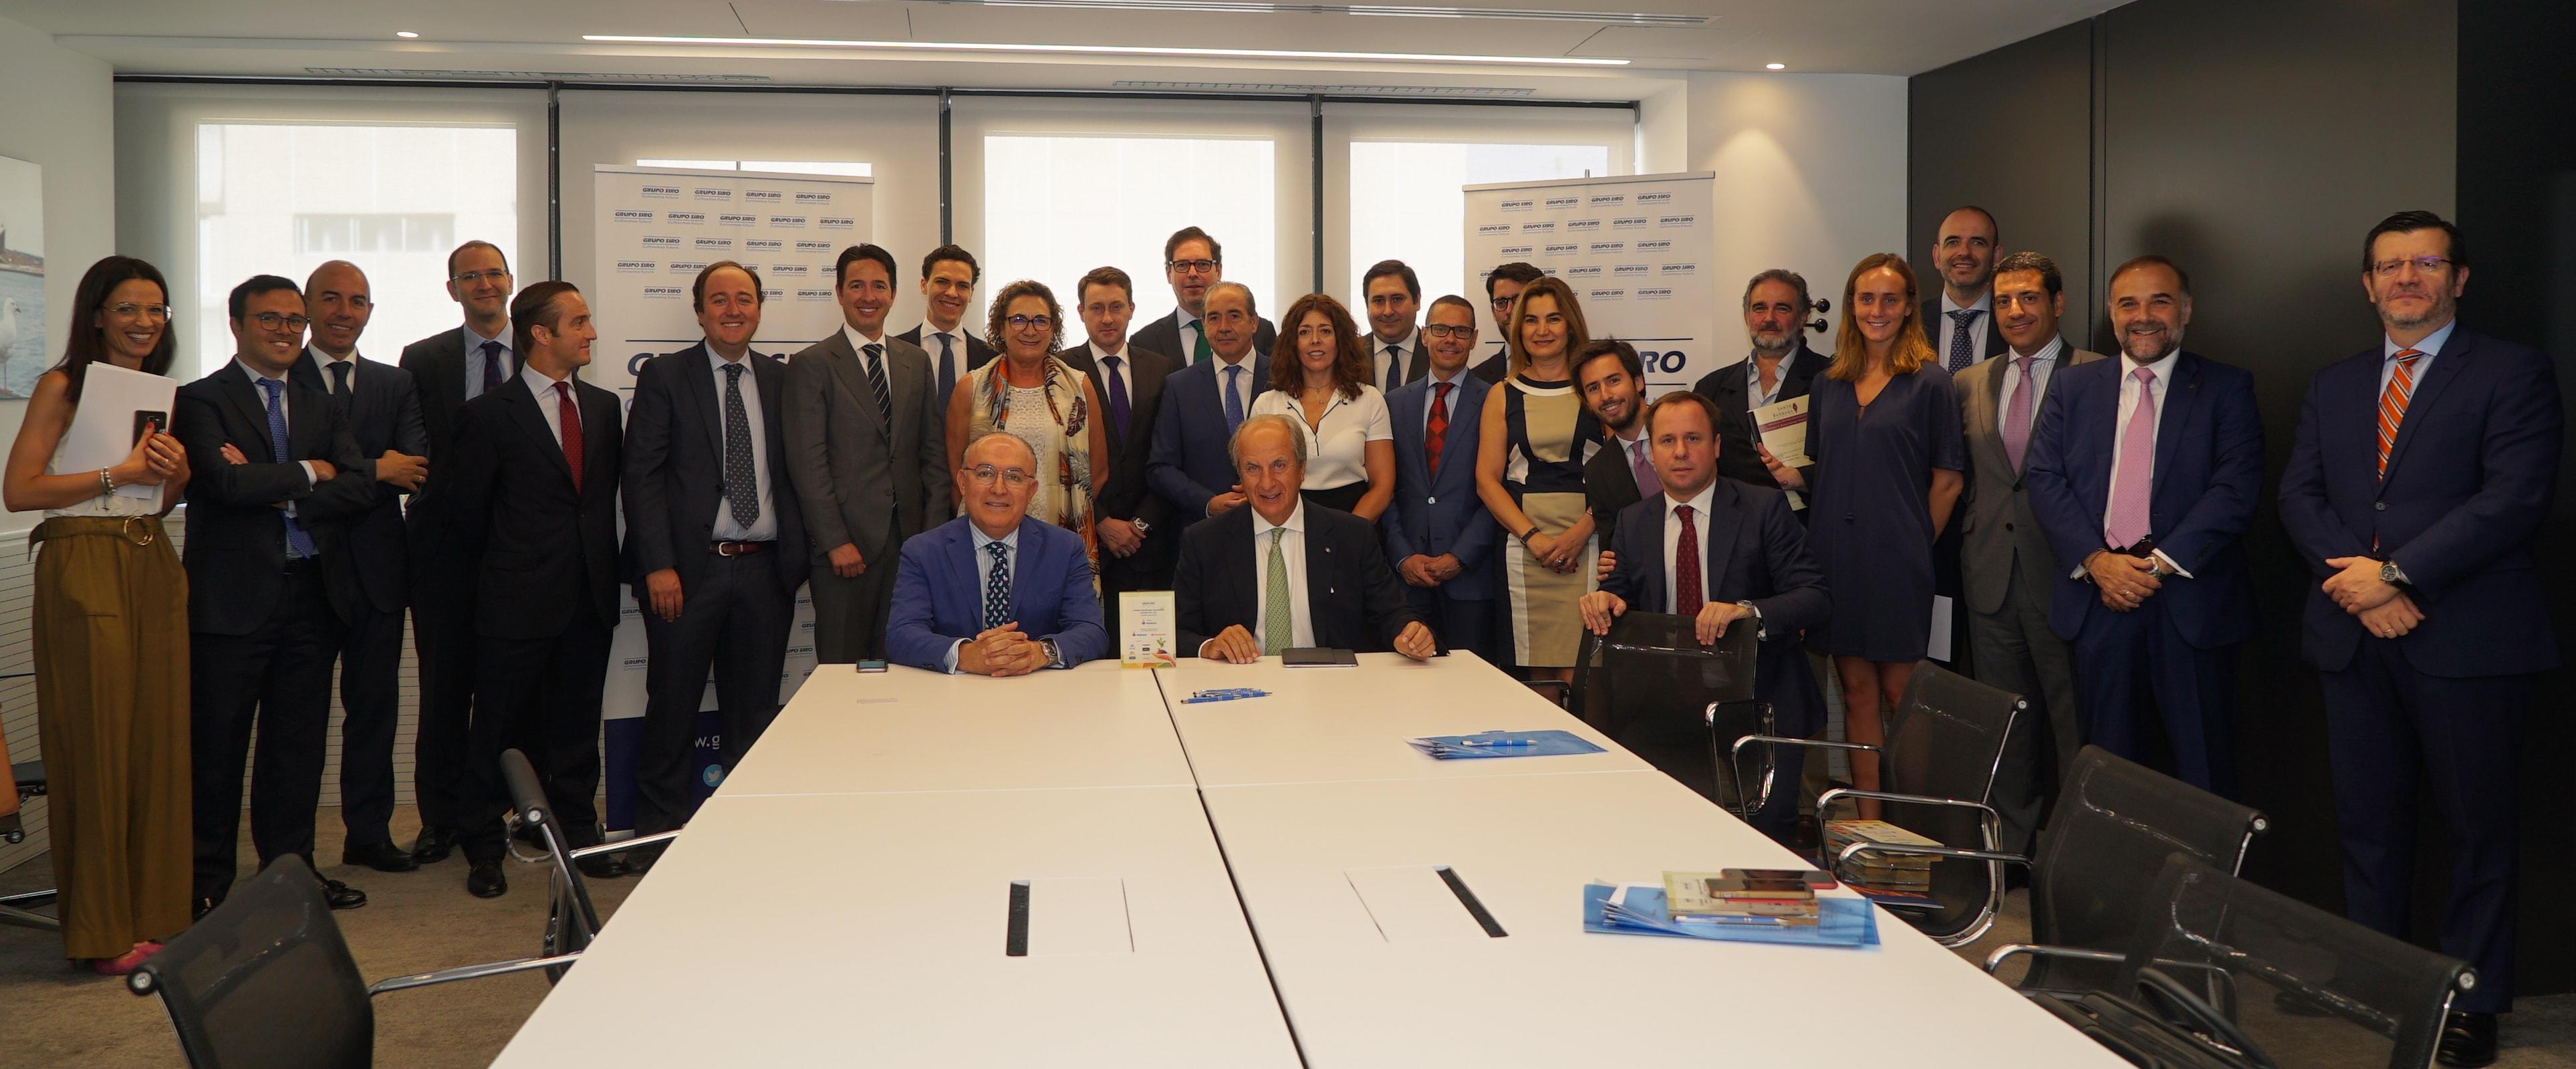 DJV Abogados Asesora A Galletas Siro En Una Financiación Sostenible Por 240 Millones De €